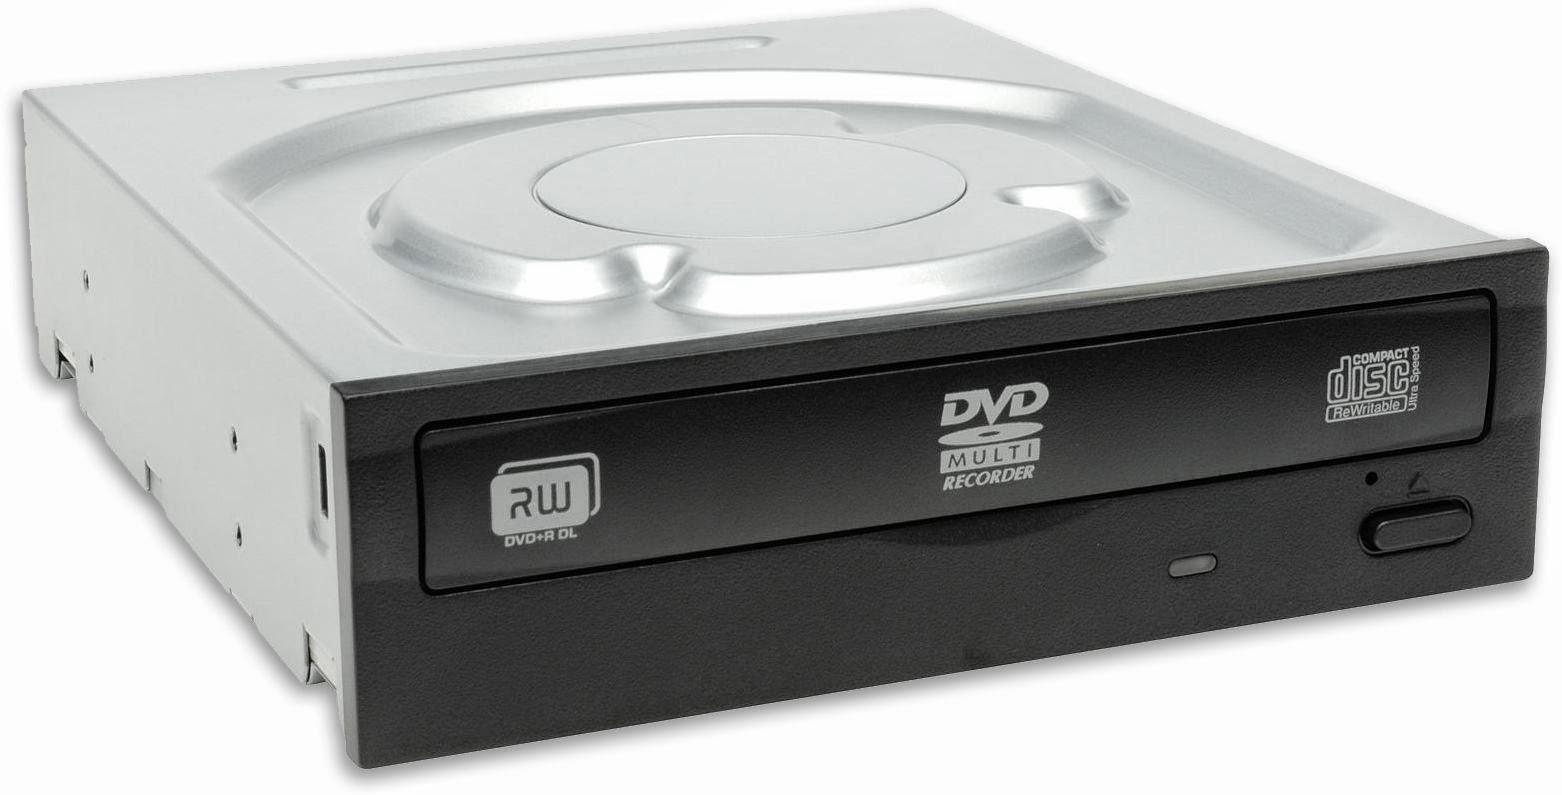 ผลการค้นหารูปภาพสำหรับ CD Drive / DVD Drive / CD-RW Drive / DVD-RW Drive ซีดี/ดีวีดีไดรฟ์